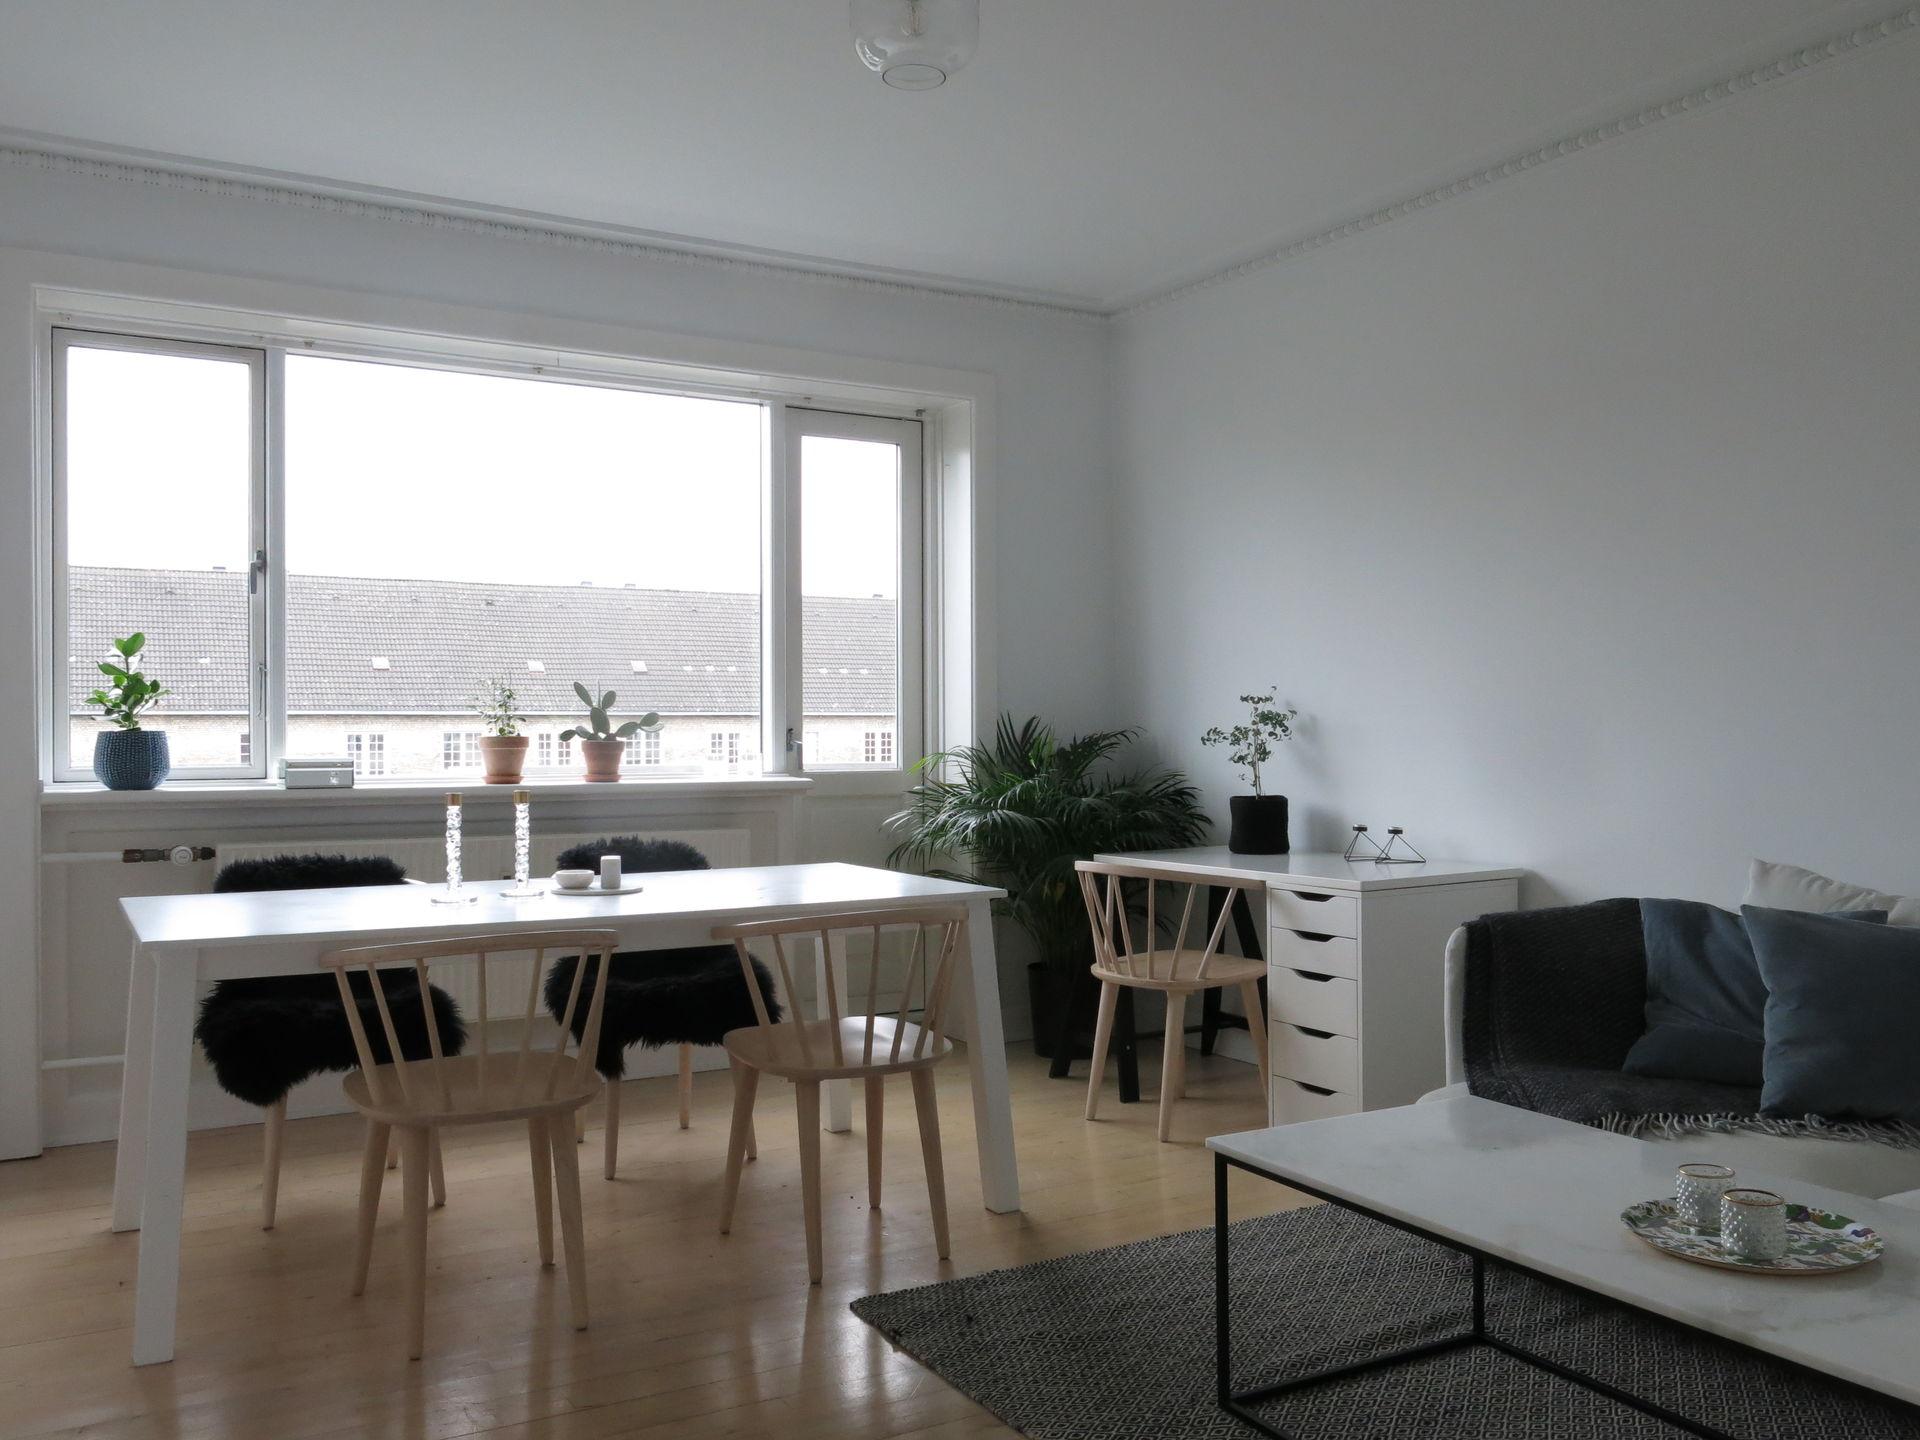 Kopenhagen Wohnung dalforet to metro wohnung in kopenhagen